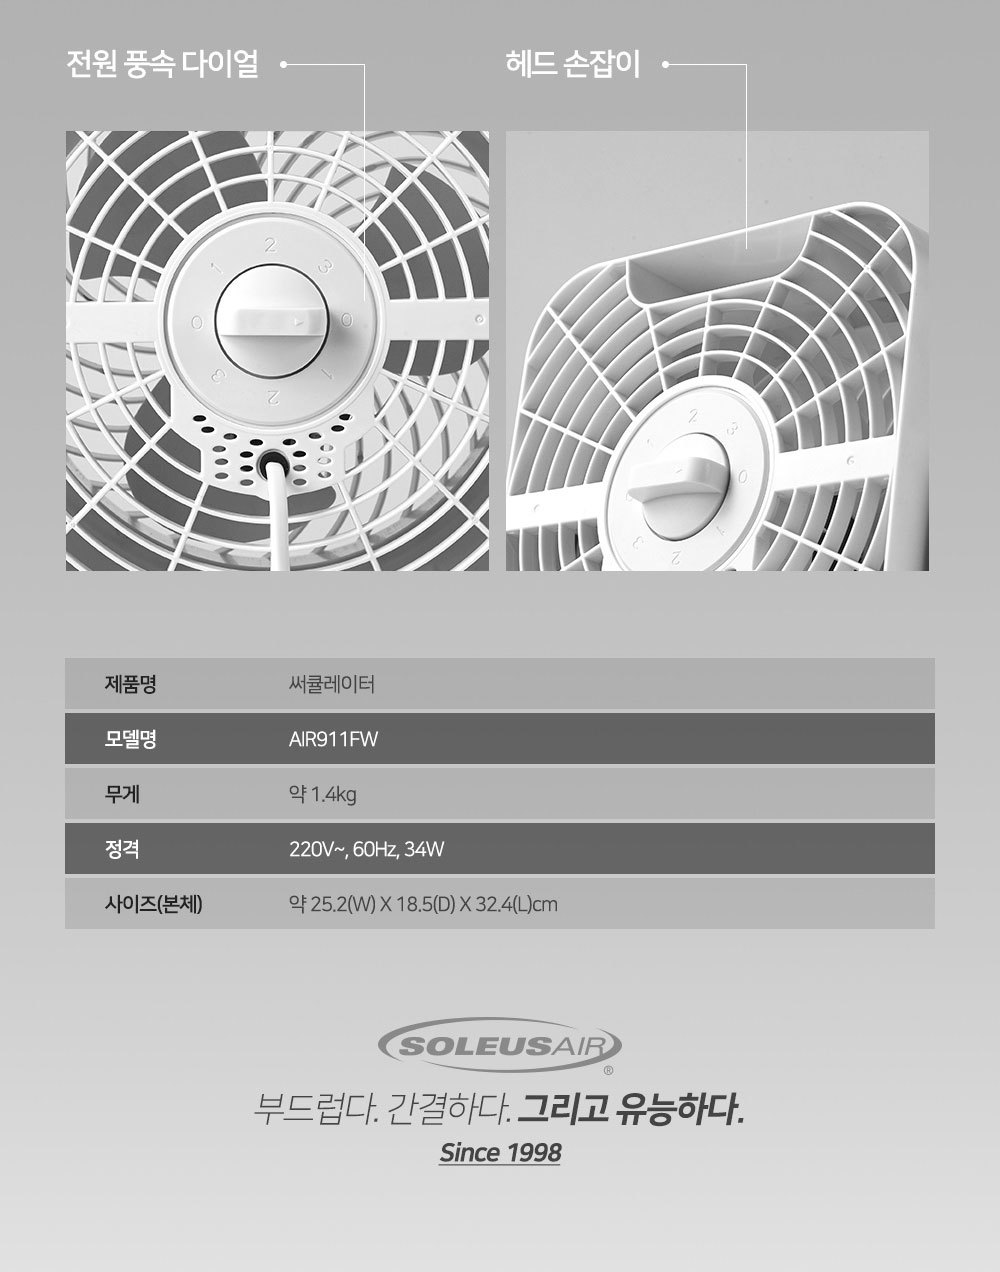 써큘레이터 AIR911FW - 솔러스에어, 55,000원, 선풍기, 에어서큘레이터